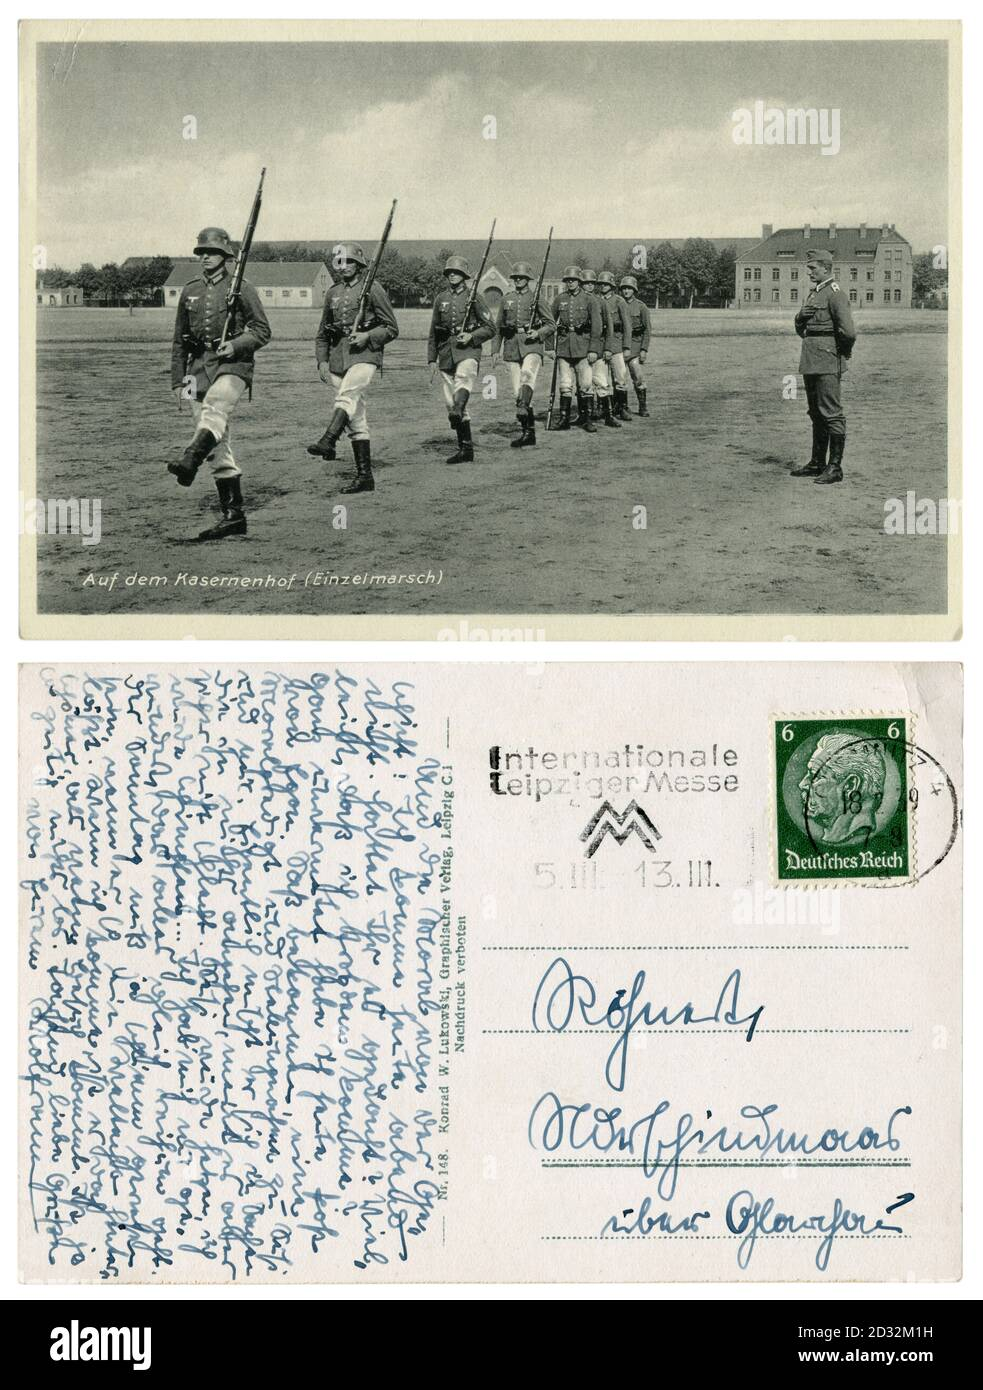 Carte postale historique allemande : dans la cour des casernes (mars unique). Formation de soldats en uniforme avec les carbines, Allemagne, troisième reich, 1939 Banque D'Images